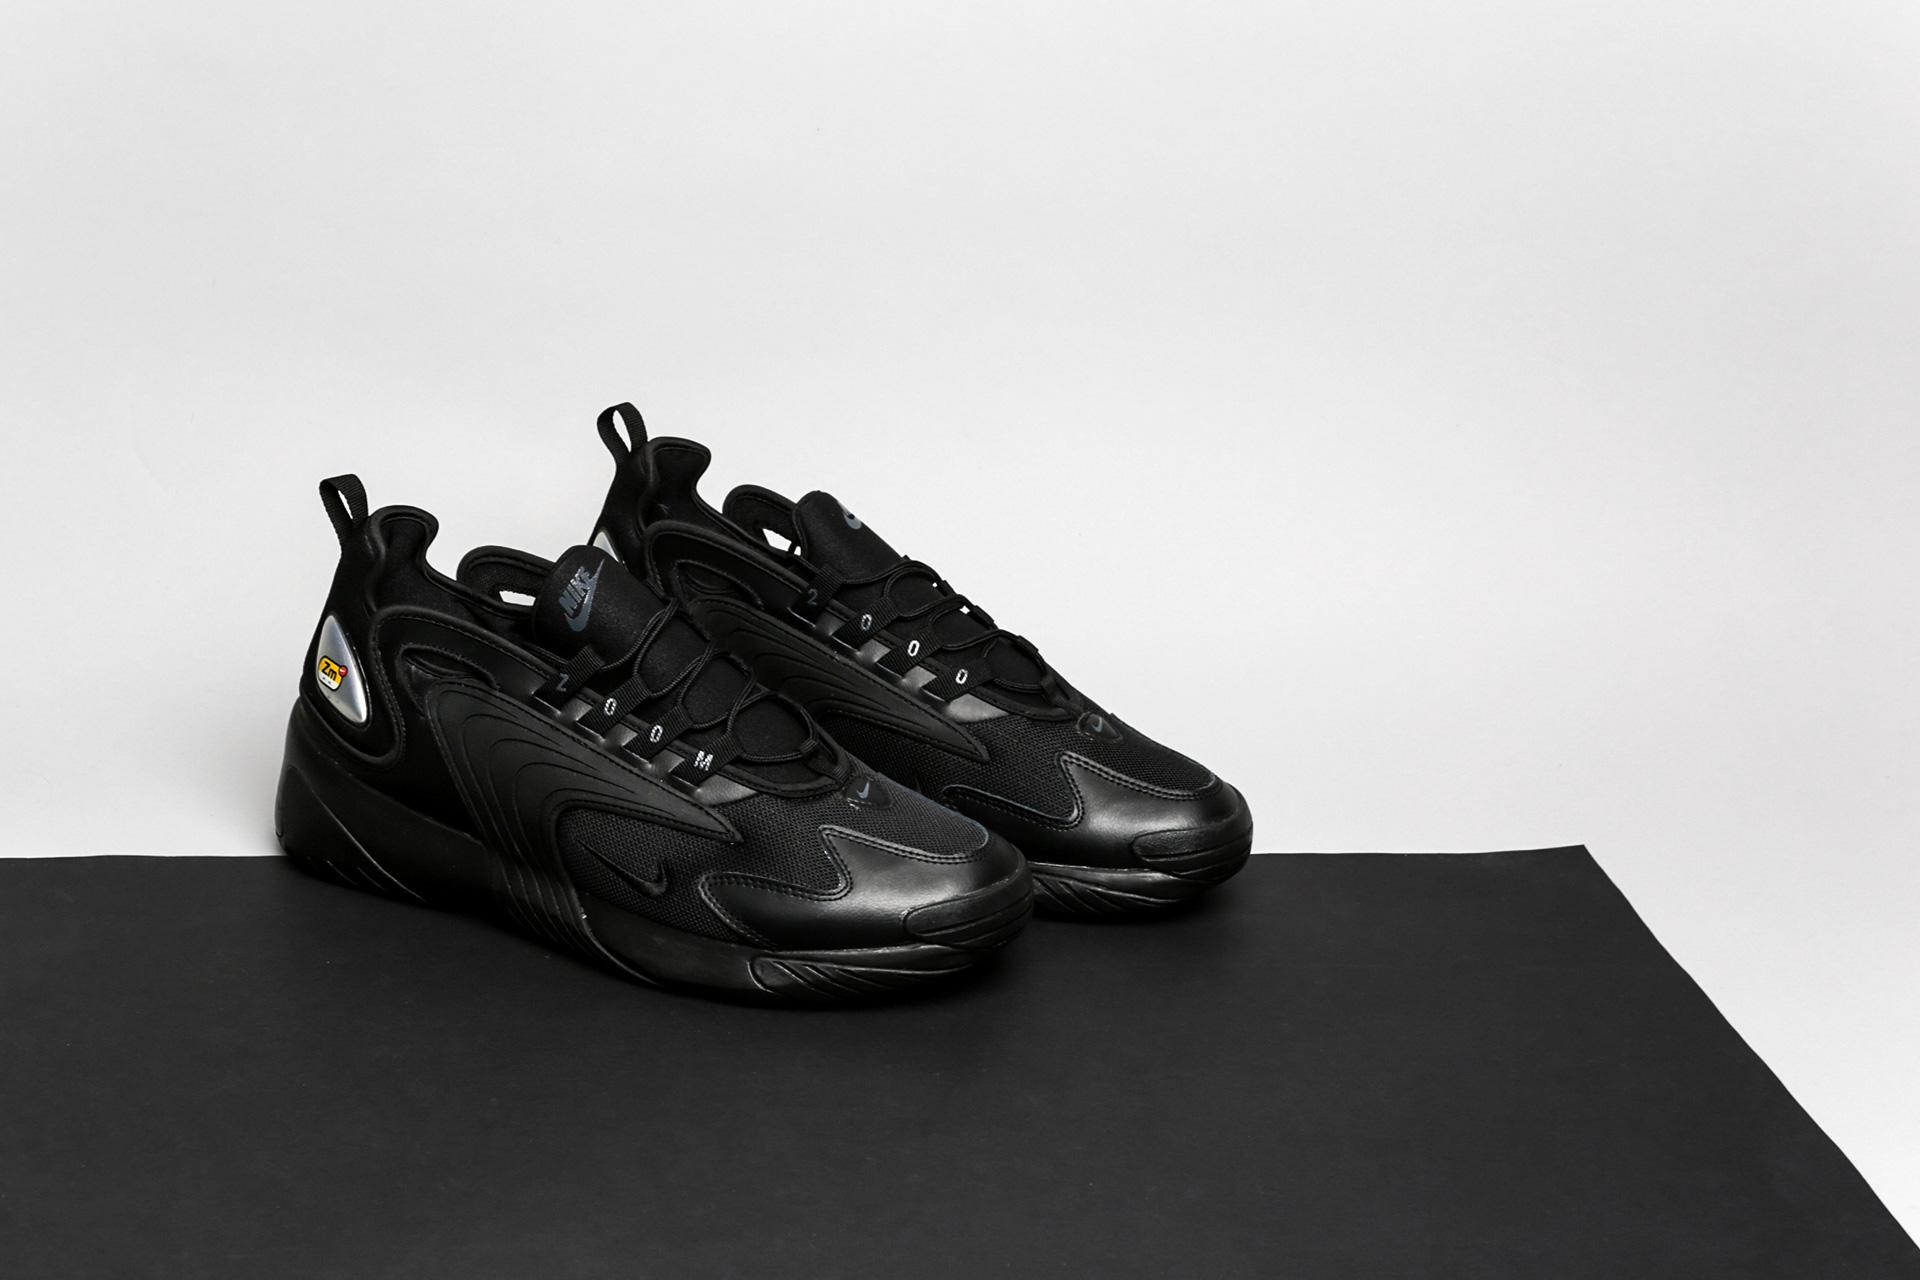 291bf5d00 Купить черные мужские кроссовки Zoom 2K от Nike (AO0269-002) по цене ...